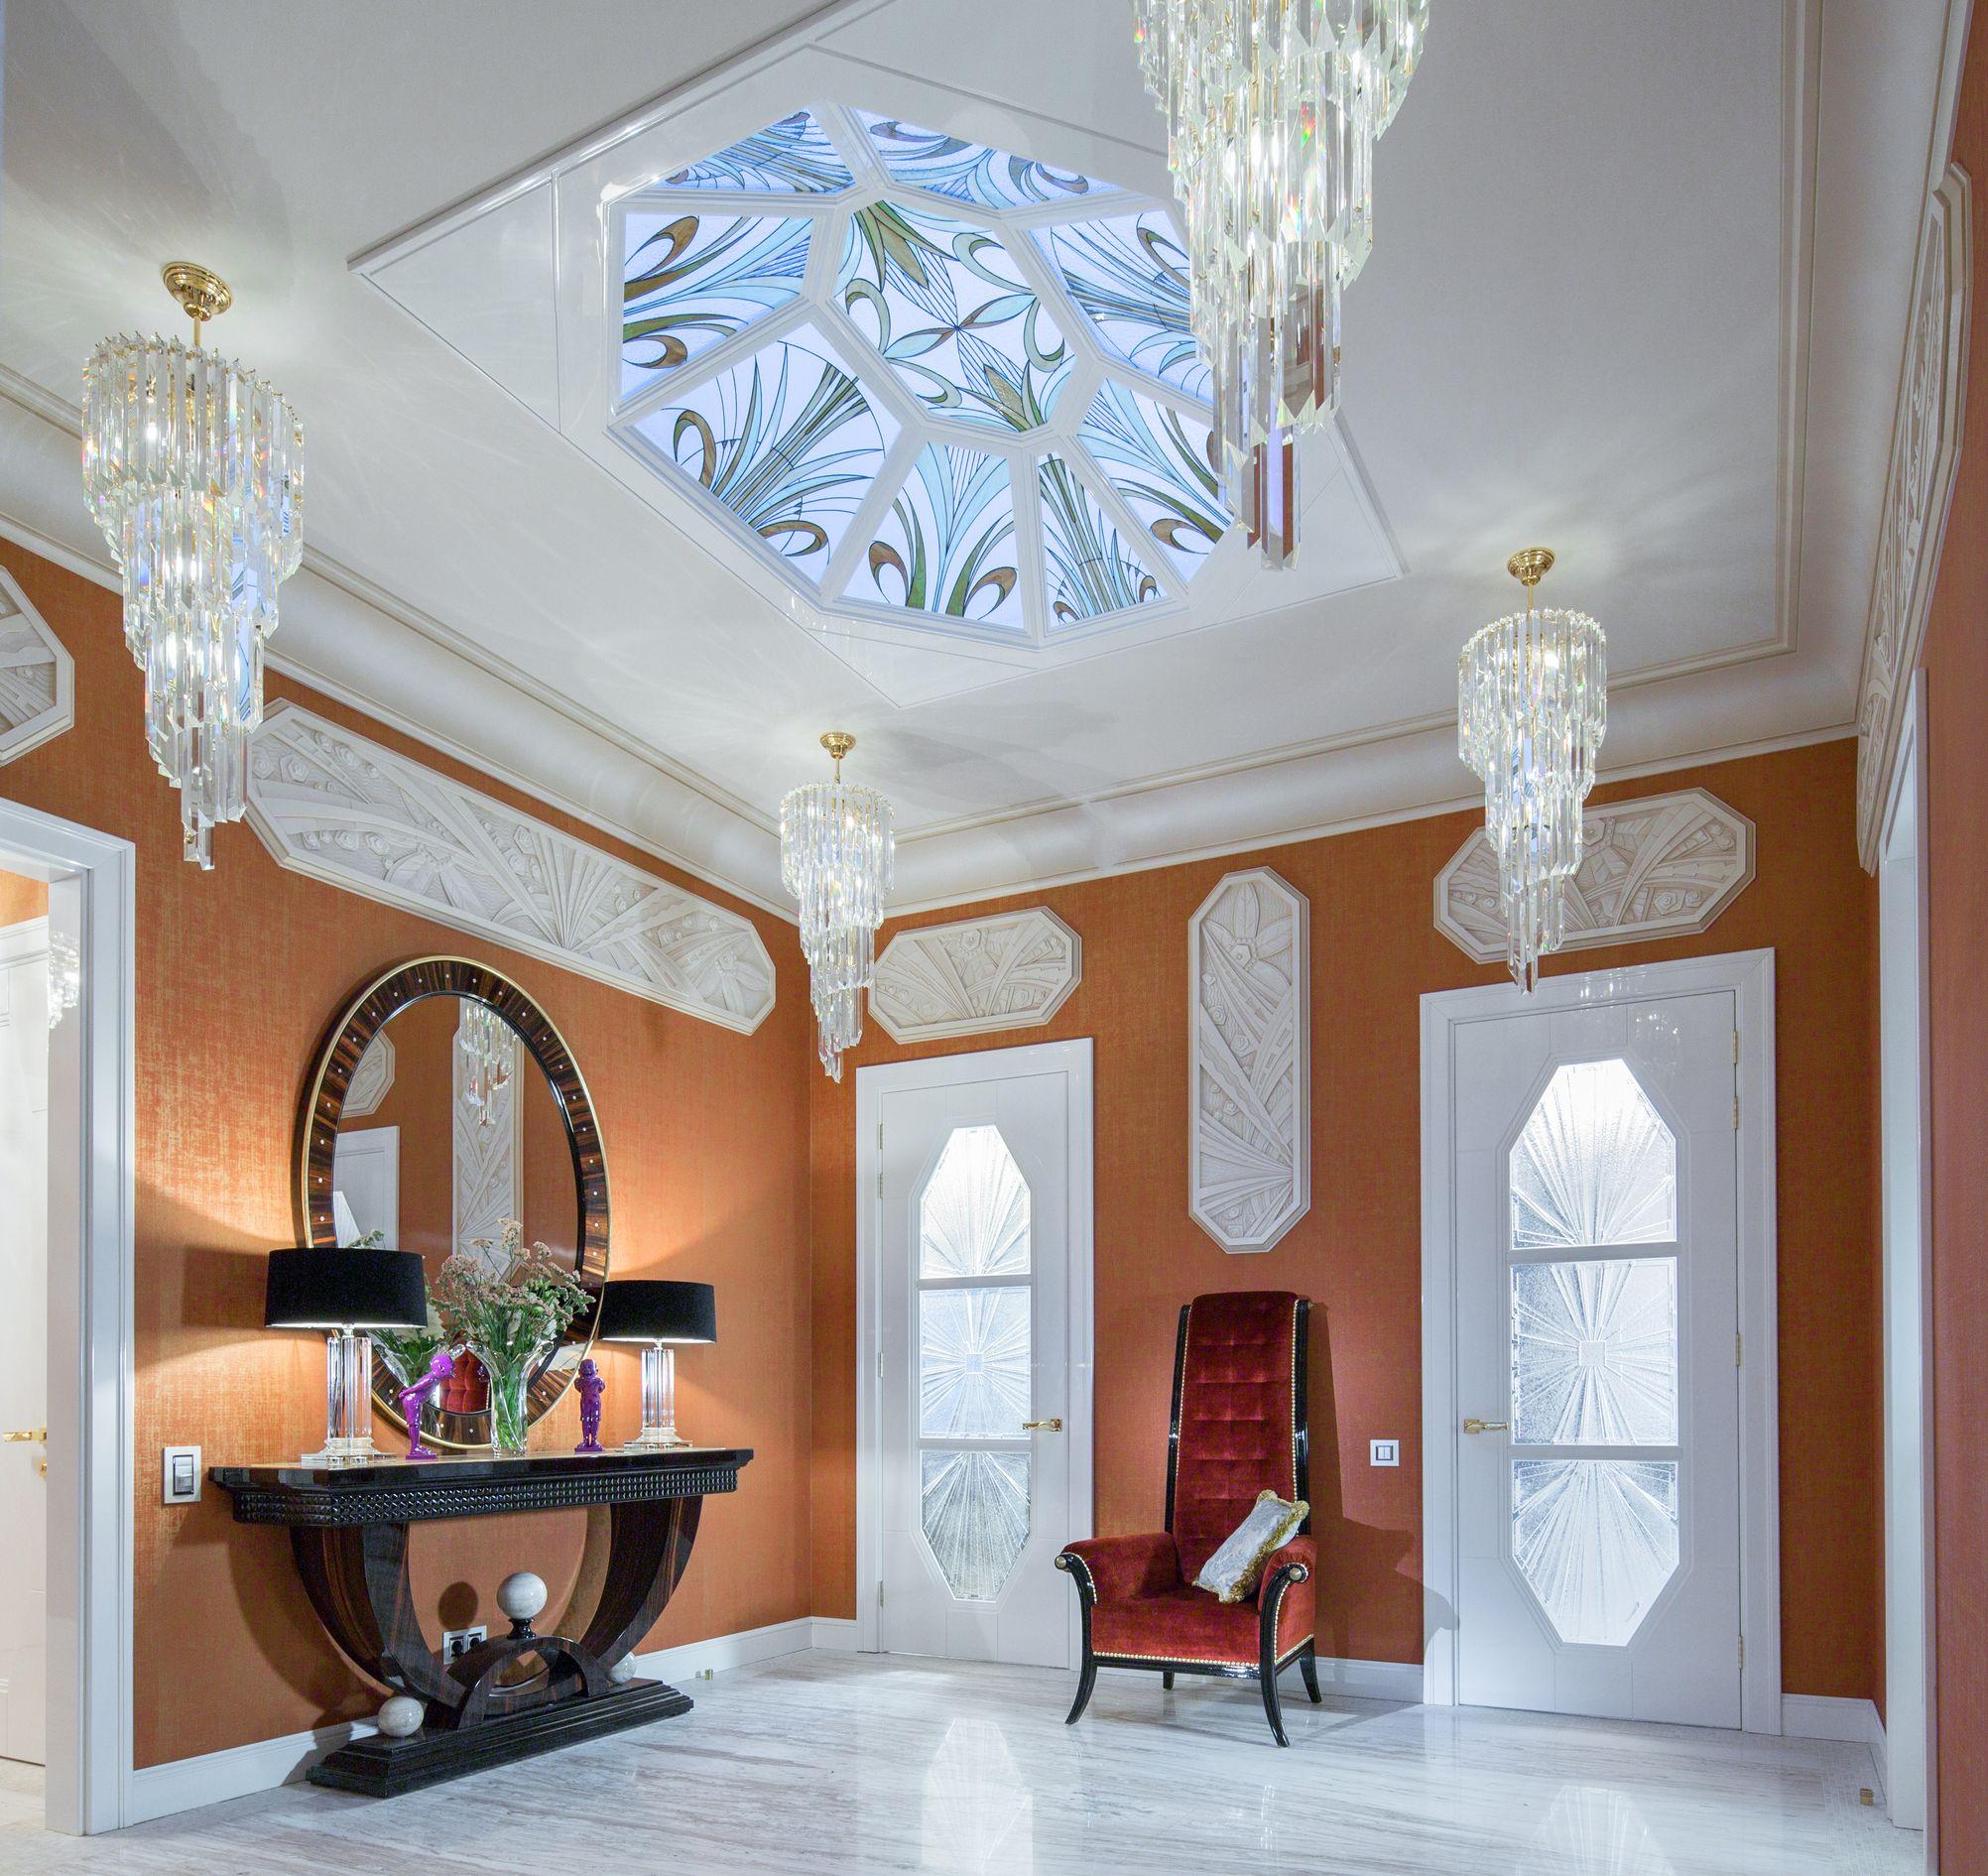 Сразу от входа вы попадаете в сказочный мир Карика и Вали. Световой потолок в прихожей — это огромный лист с прожилками, который сразу задаёт тему для общих пространств. Стена коридора, ведущего через гостиную, декорирована рельефом с изображением огромных цветов-бутонов, среди которых мирно плавают рыбки в аквариуме.